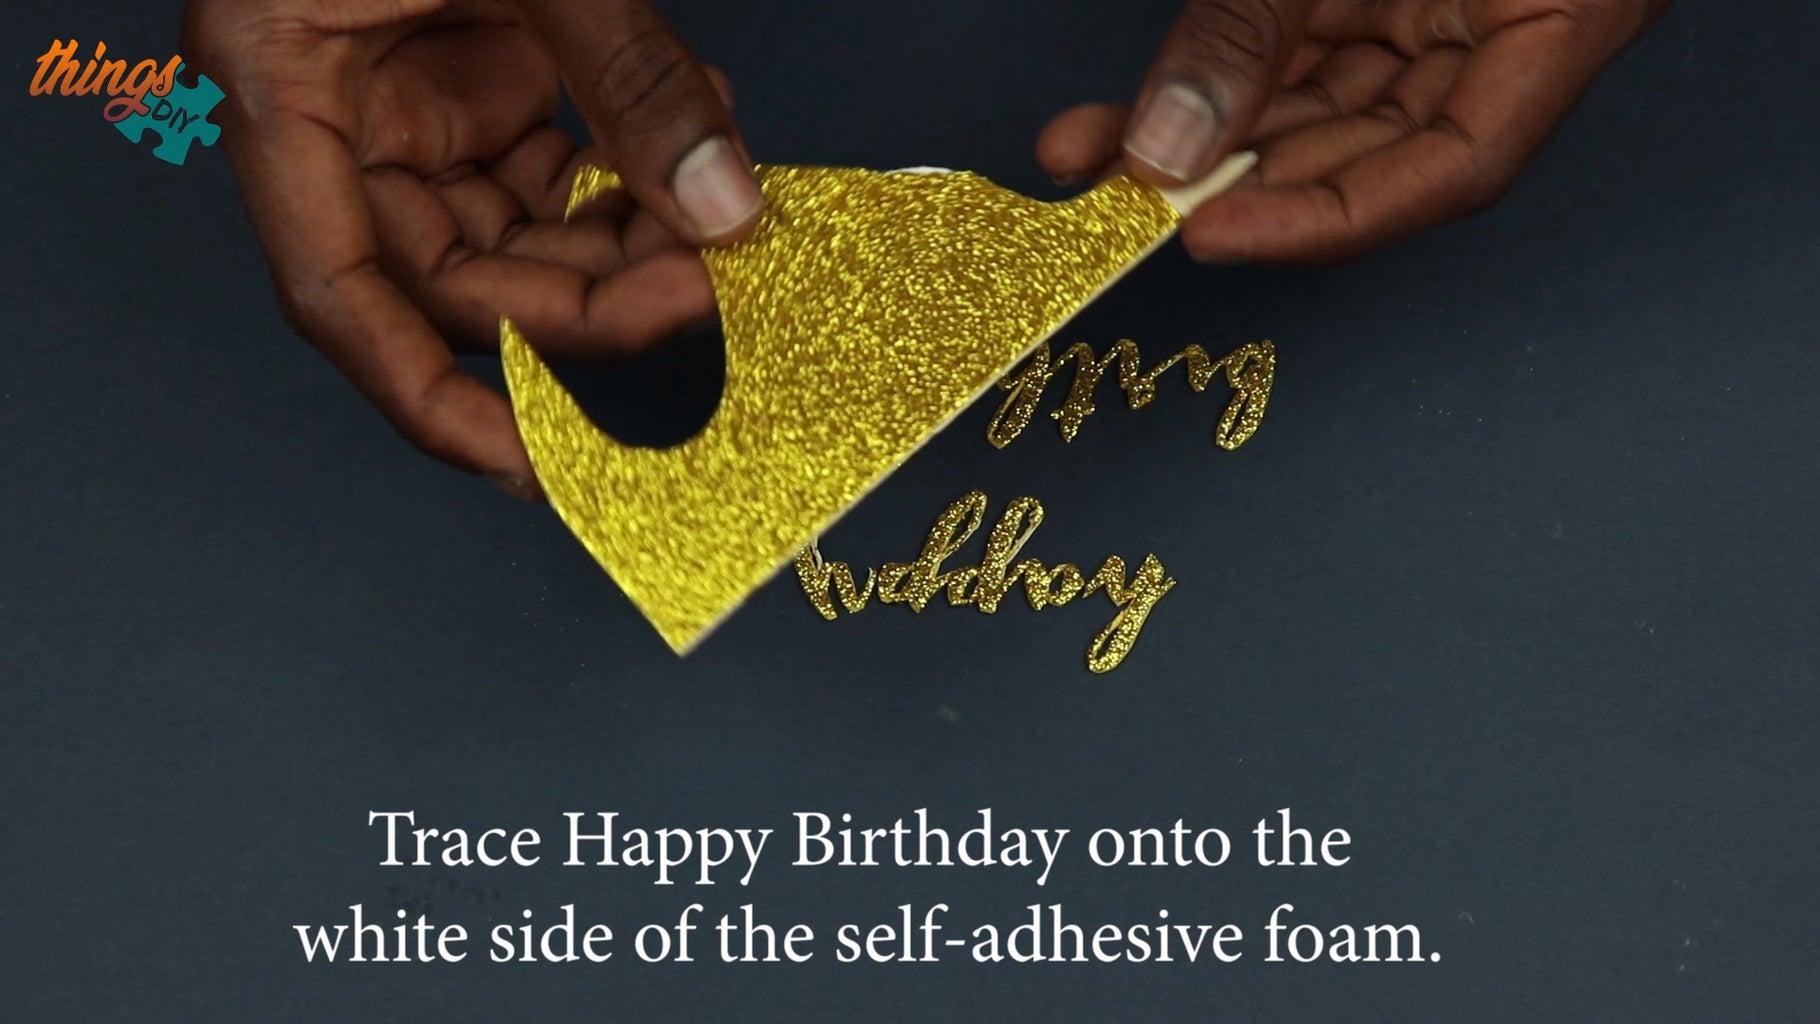 Cutout 'Happy Birthday' Text